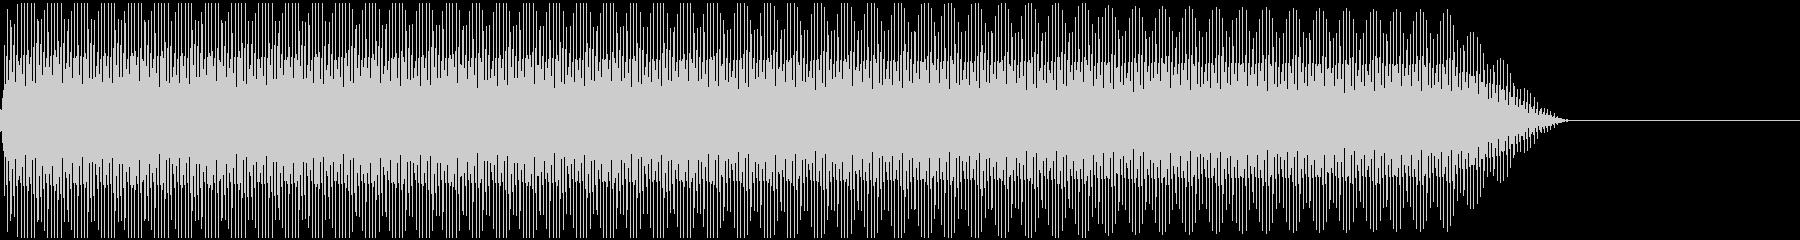 ピー!(ノイズ/高音/エラー/レーザーの未再生の波形